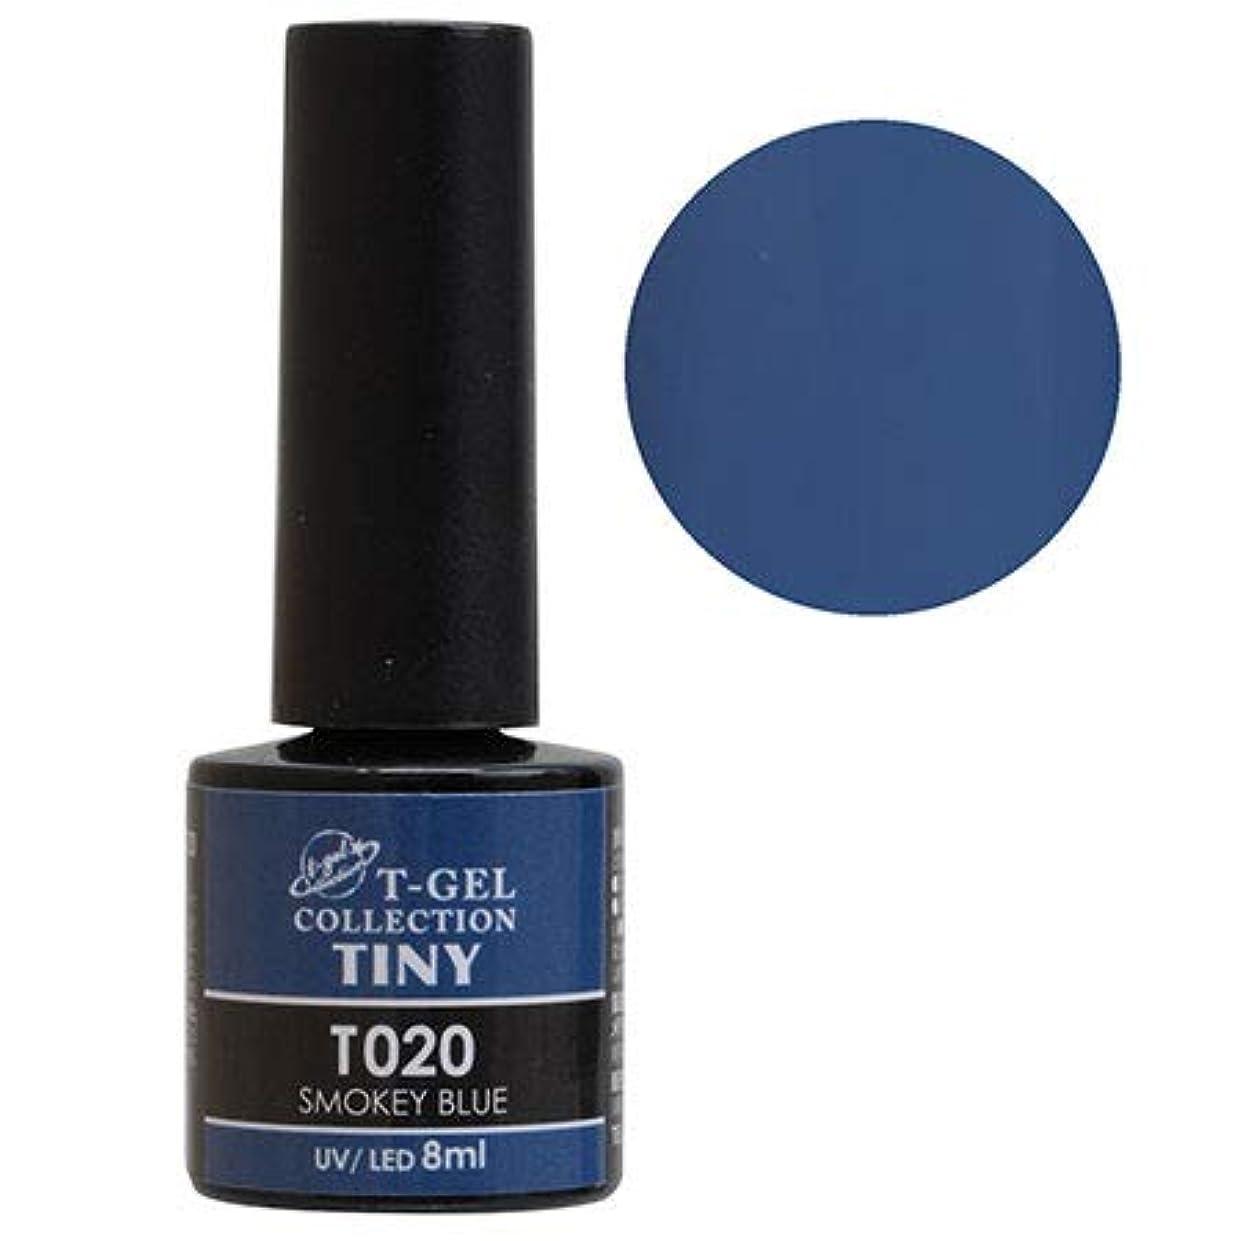 フェッチ討論マンモスT-GEL COLLECTION TINY T020 スモーキーブルー 8ml